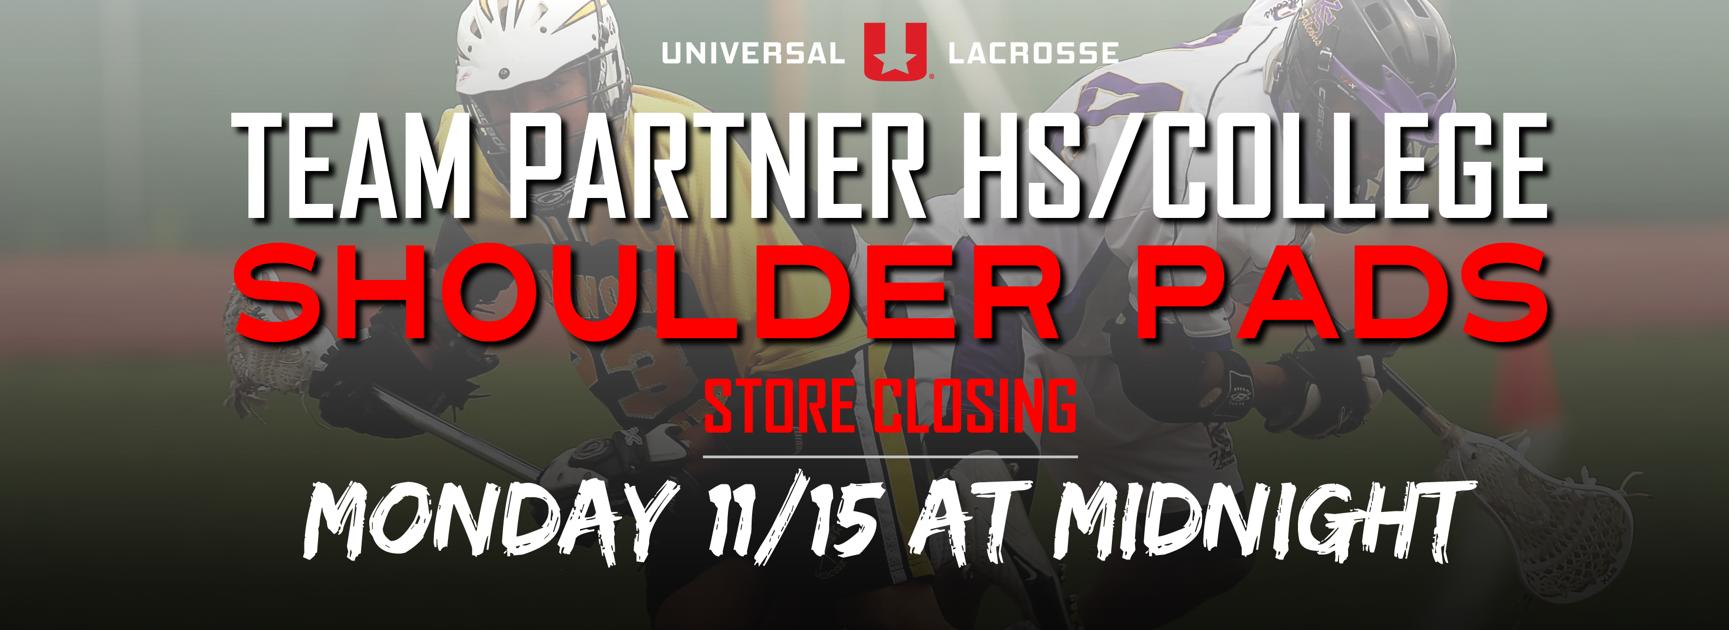 Team Partner HS/College - Shoulder Pads